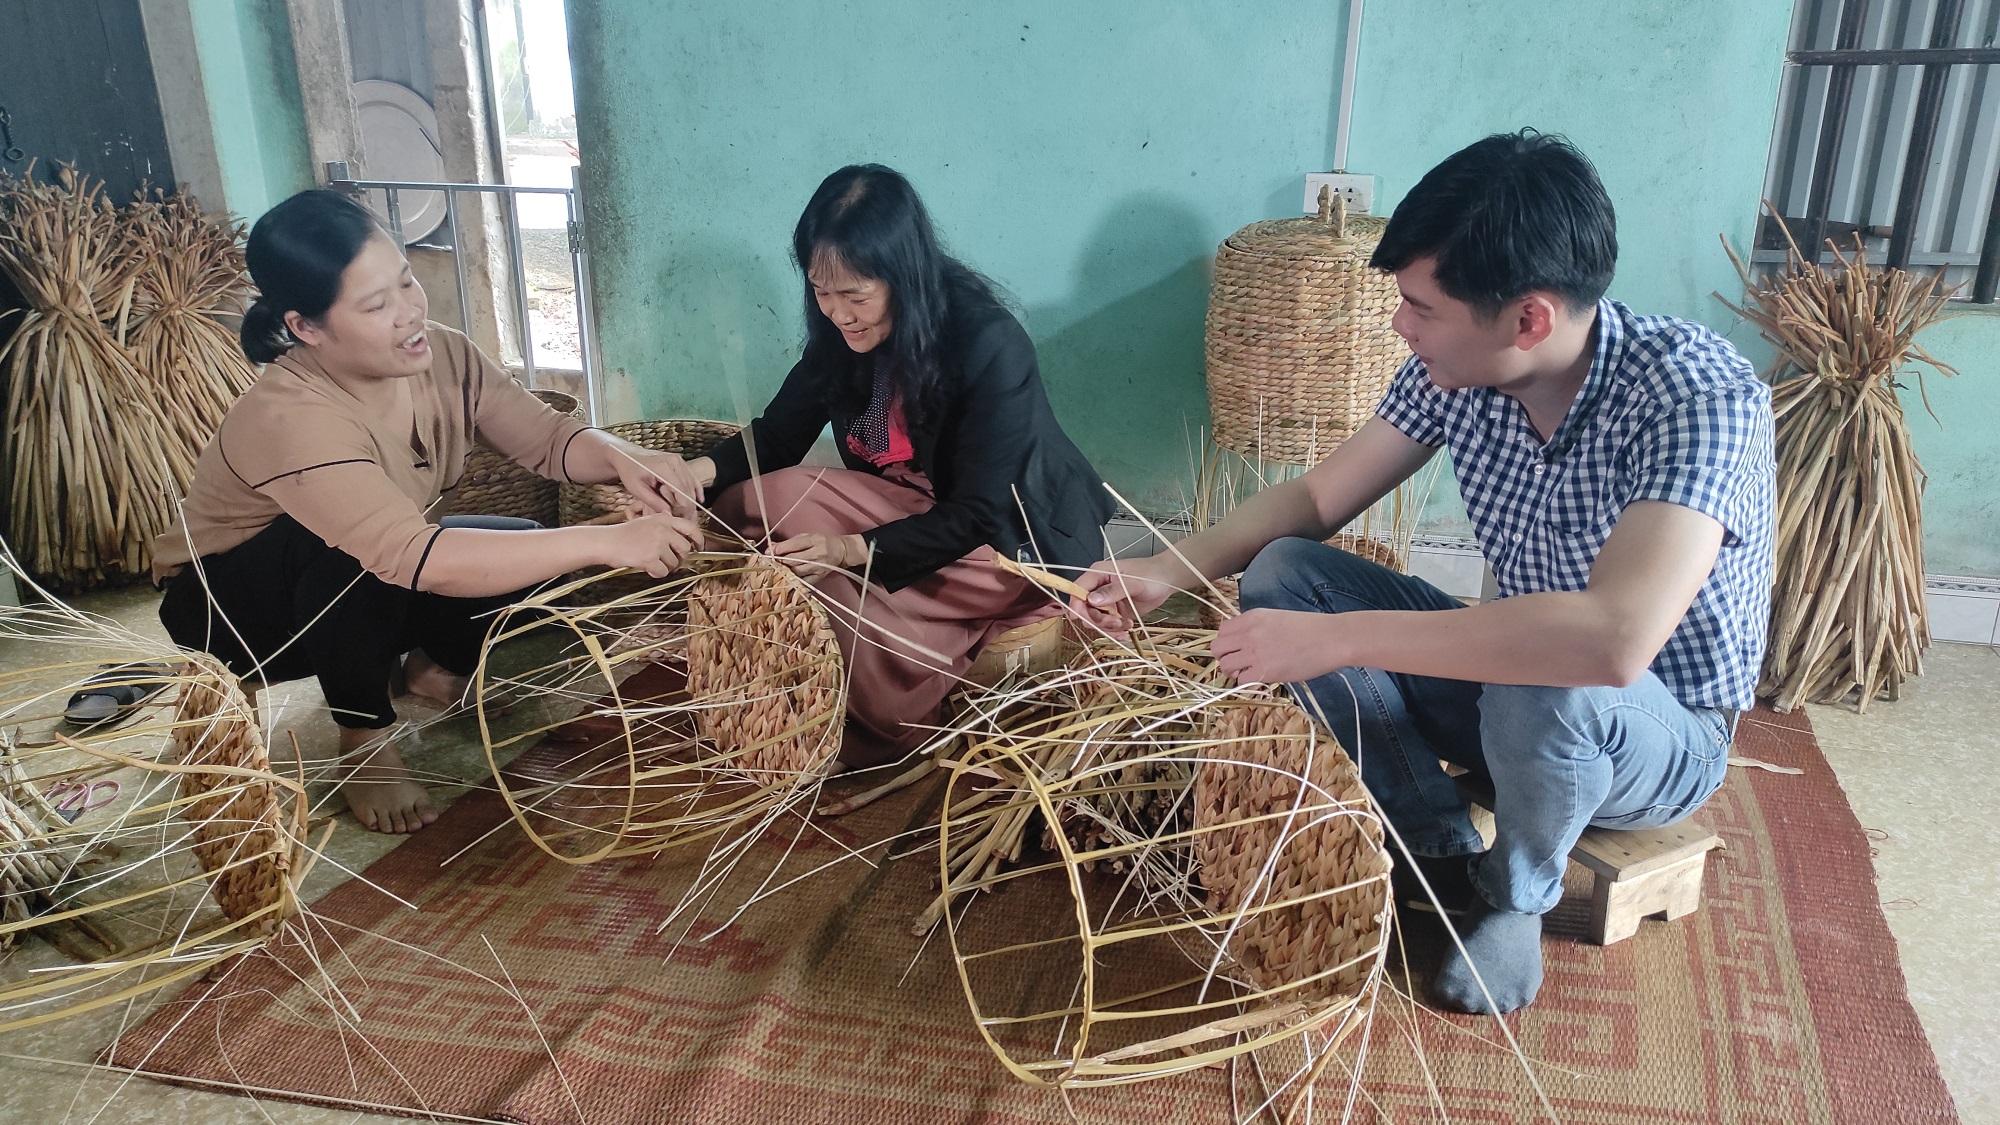 Vinamilk cùng Cặp lá yêu thương tiếp sức đến trường cho trẻ em tỉnh Ninh Bình - Ảnh 4